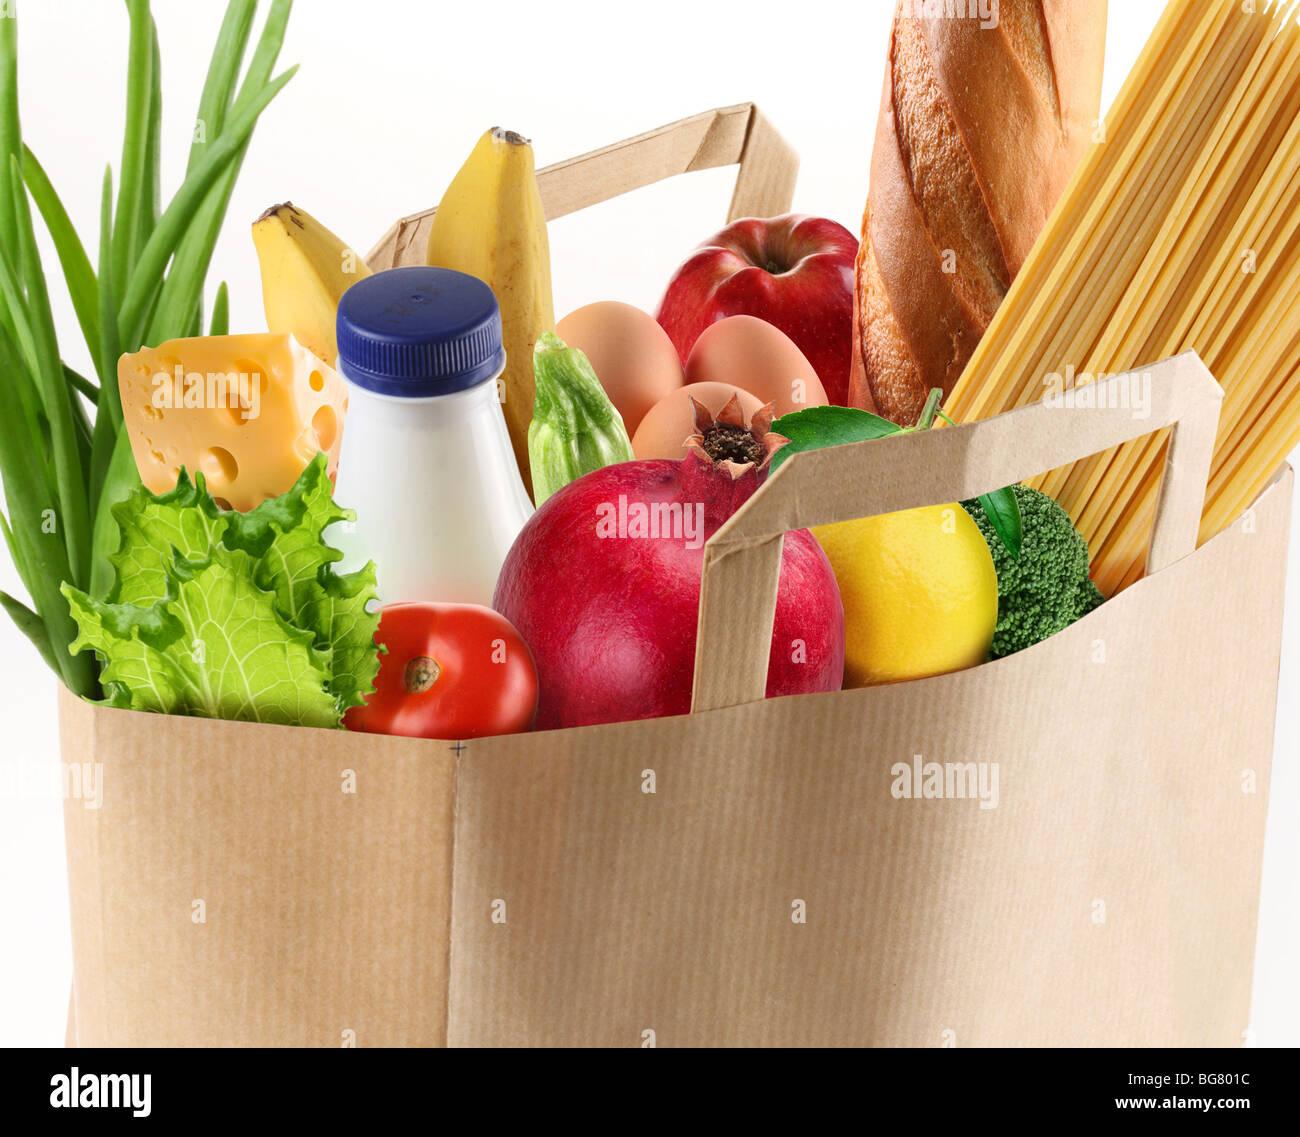 Papiertüte mit Essen auf einem weißen Hintergrund Stockbild